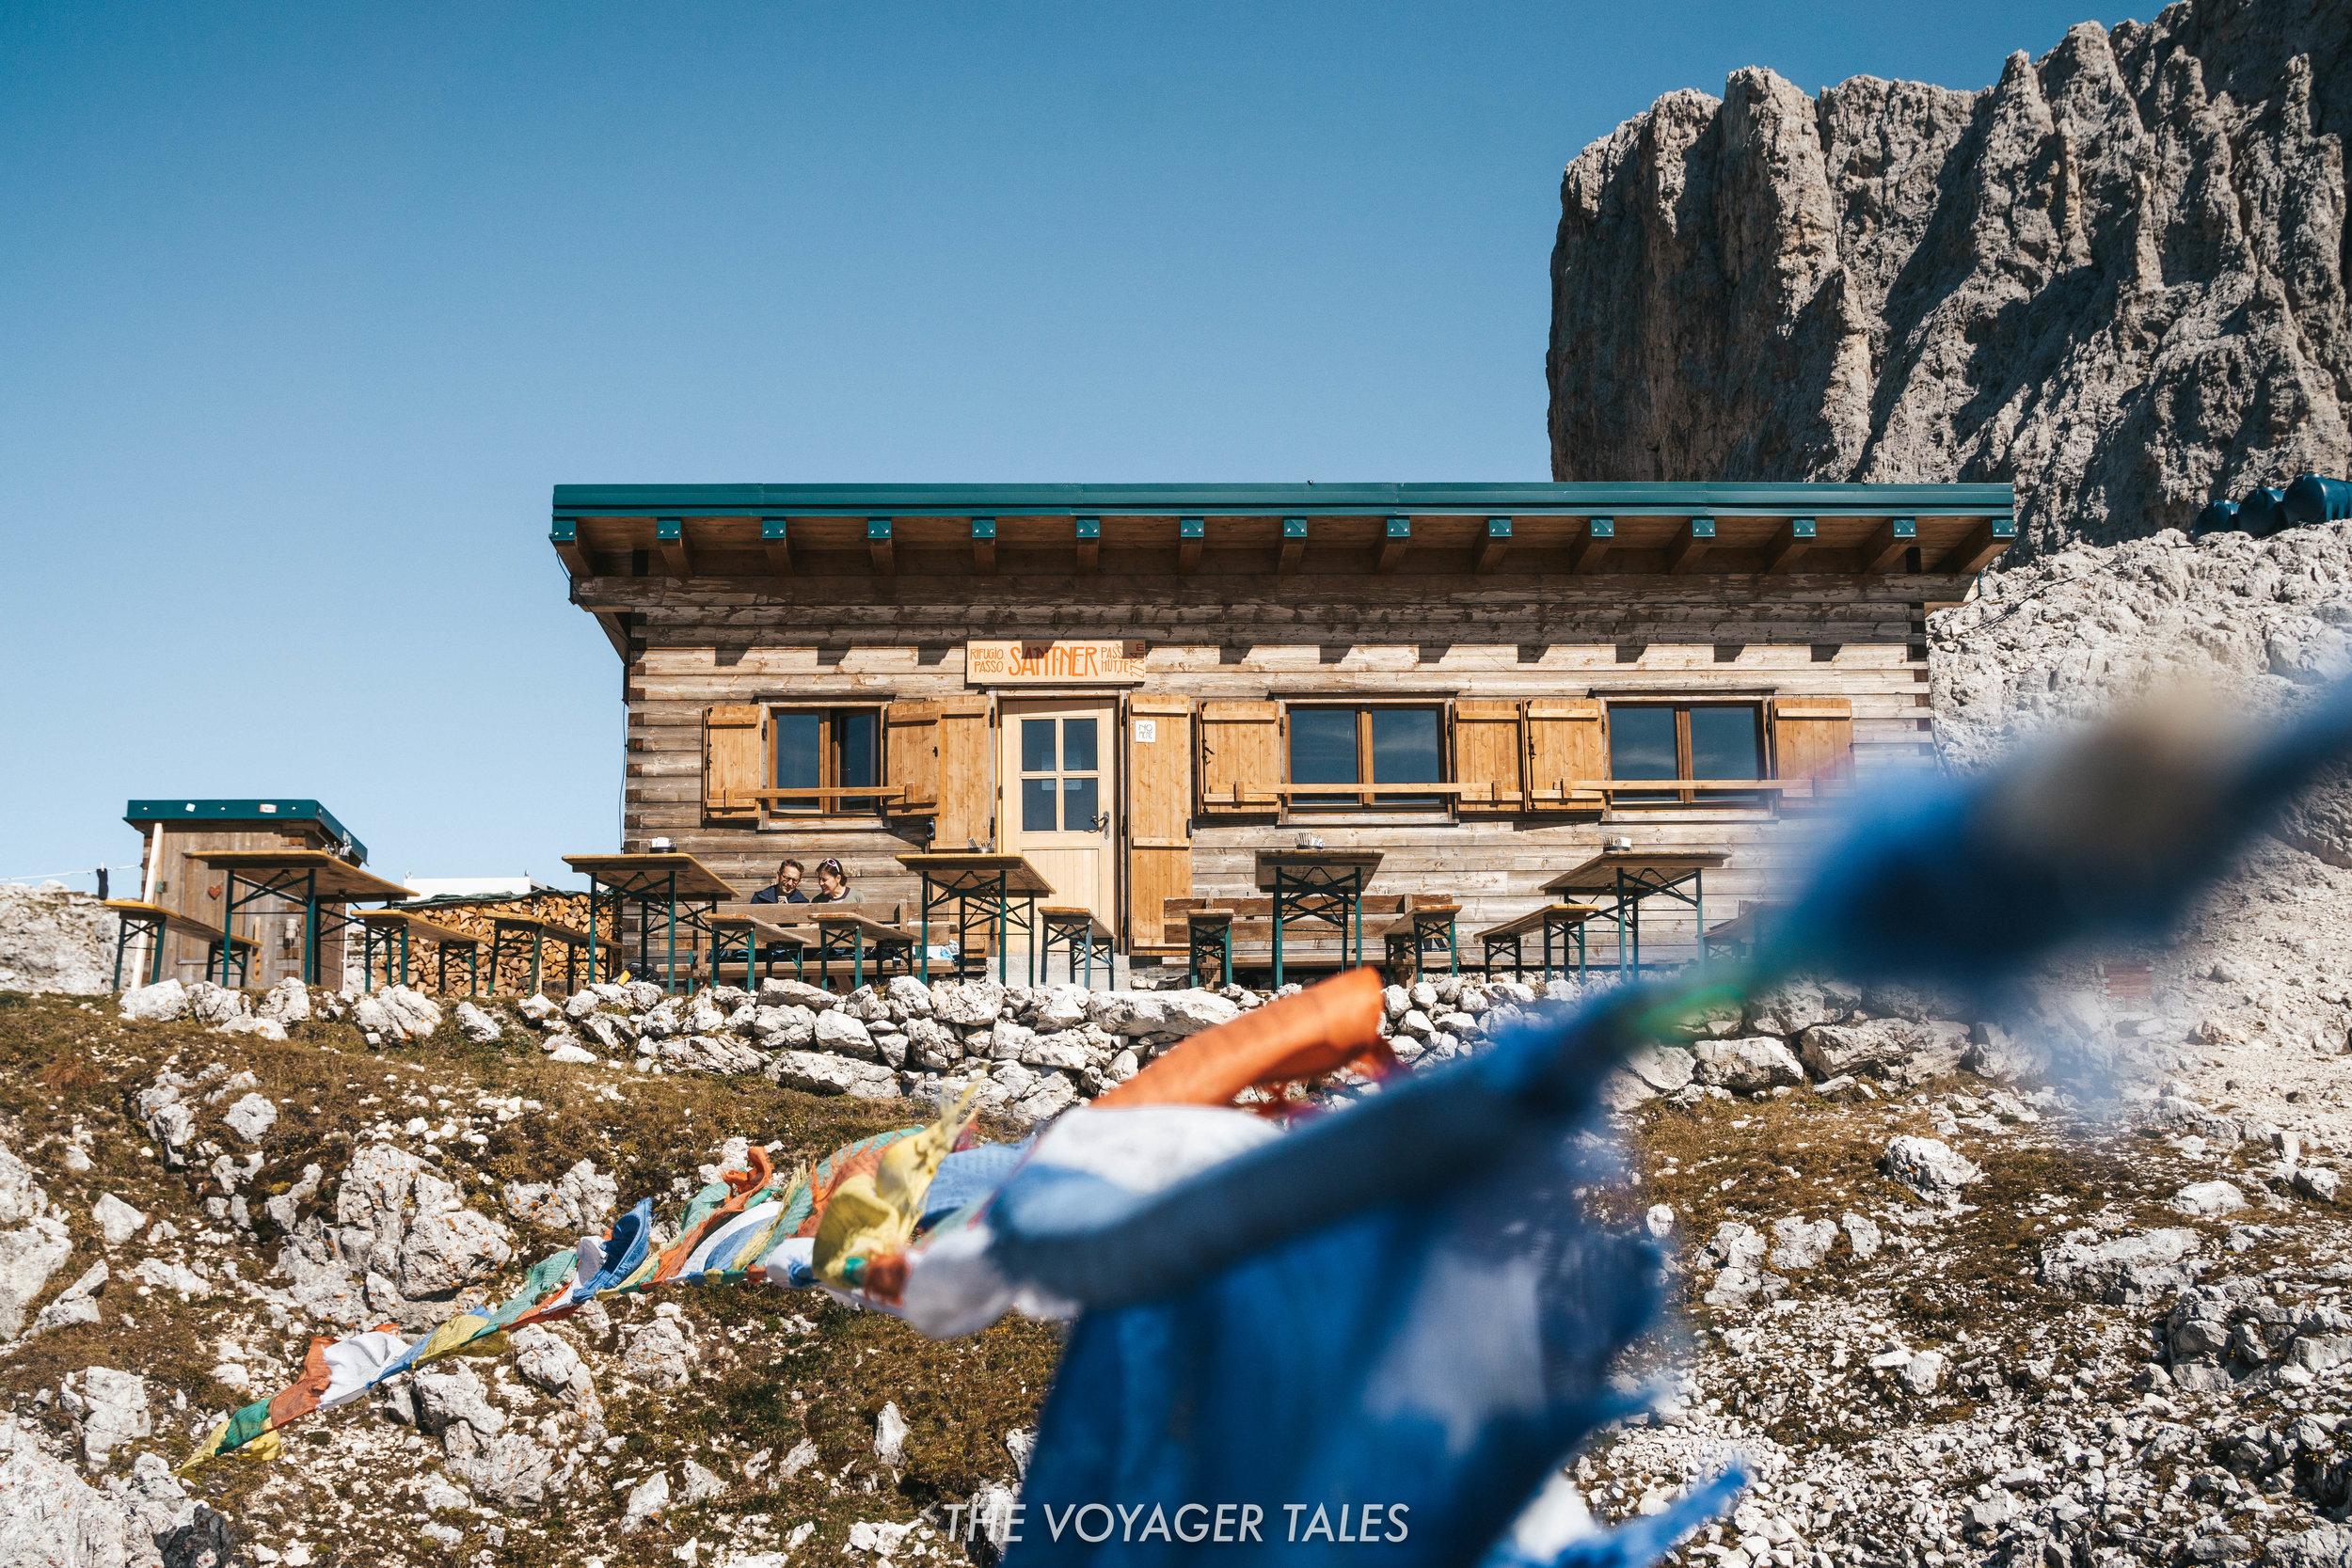 Rifugio Passo Santner in the Rosengarten mountains, Italy